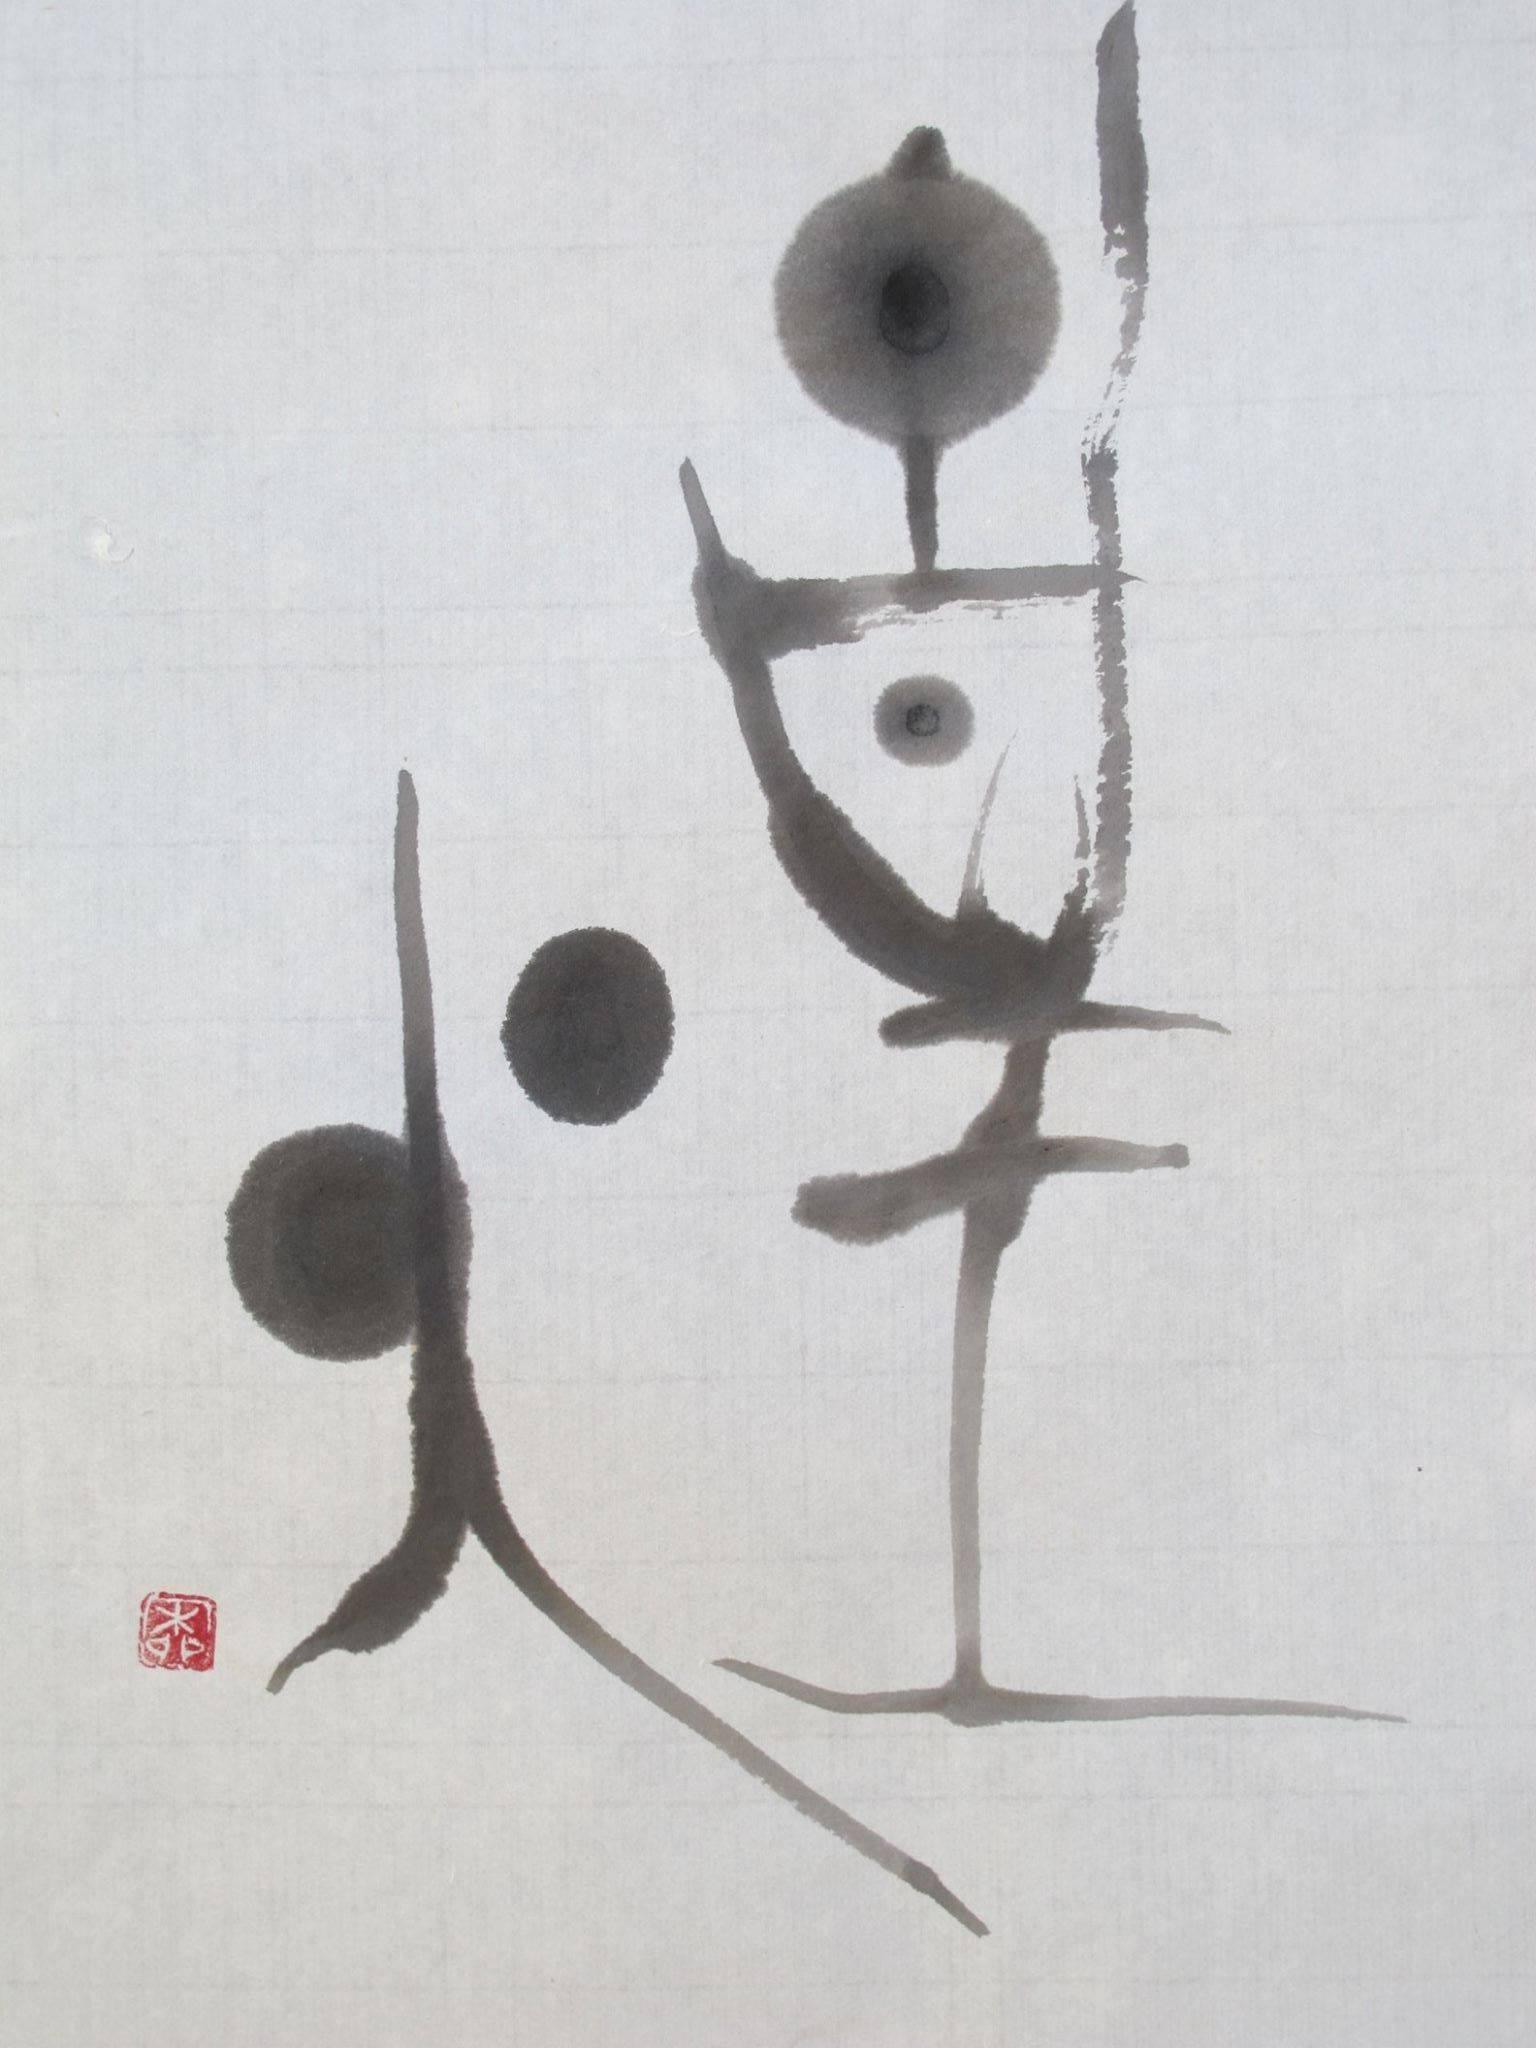 春日大社境内 飛火野にて「墨の煌めき」を描いた日のこと_f0389753_21413609.jpeg